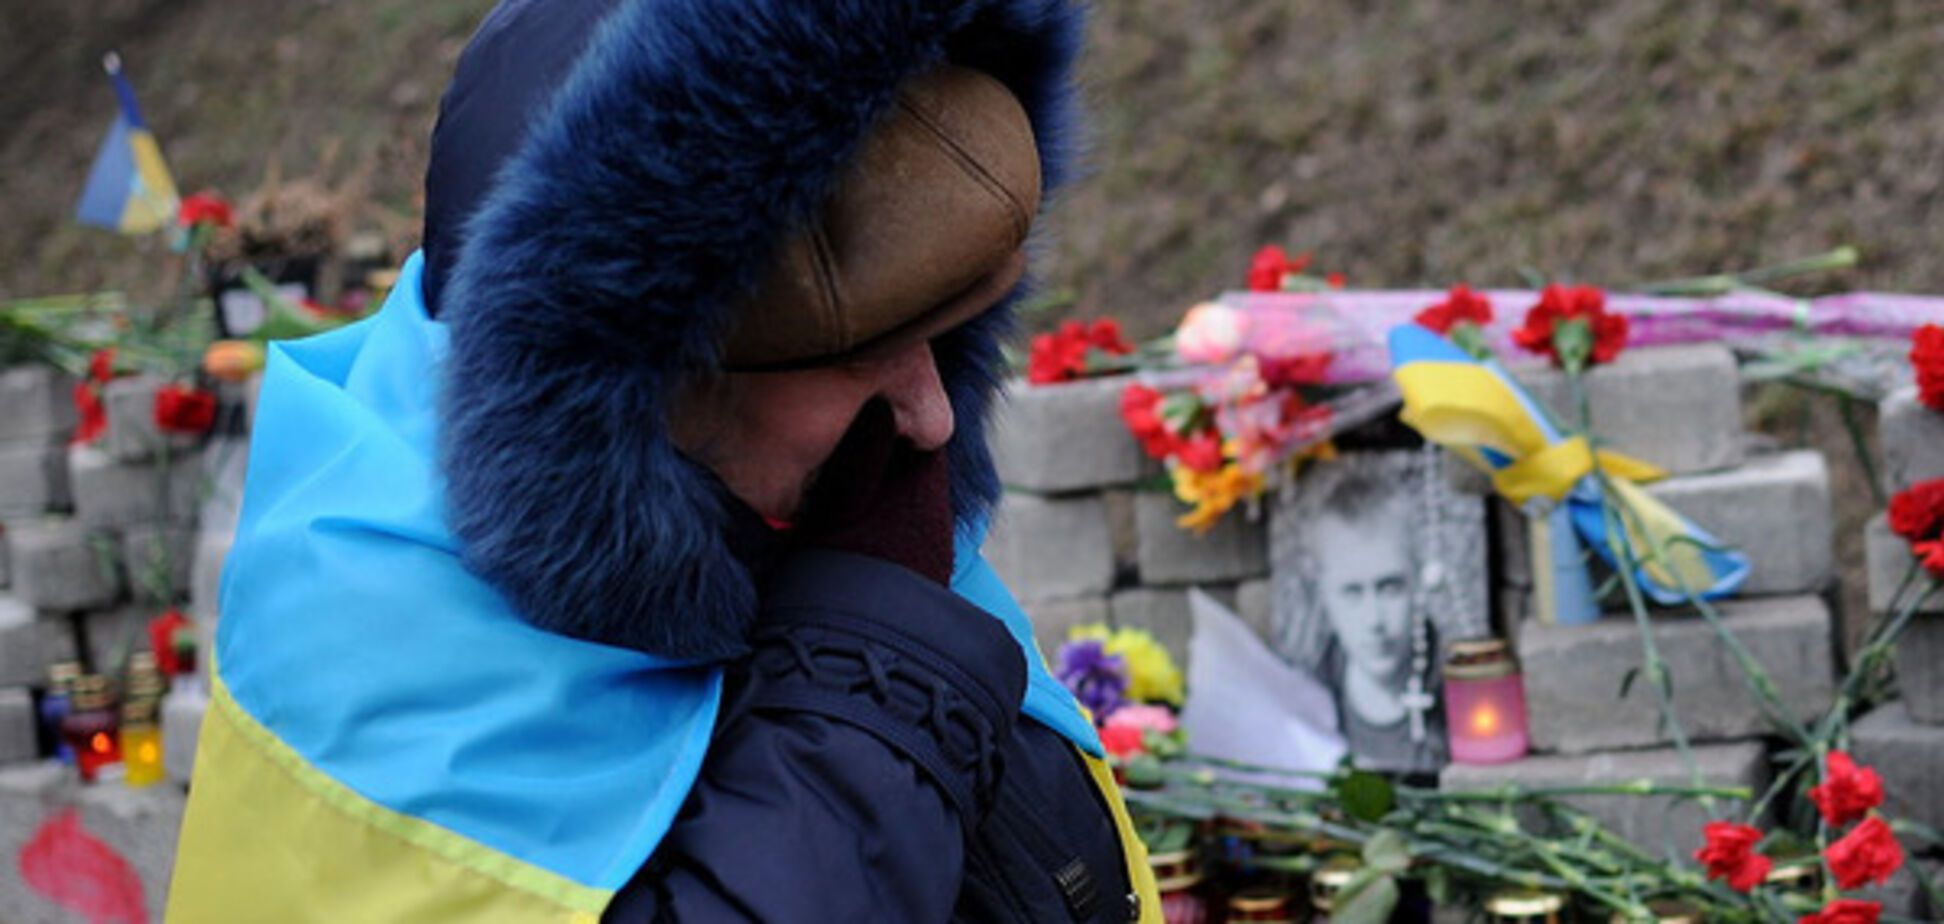 'Сгиньте с моей Украины!' Обращение переселенки к жителям Донбасса поразило сеть